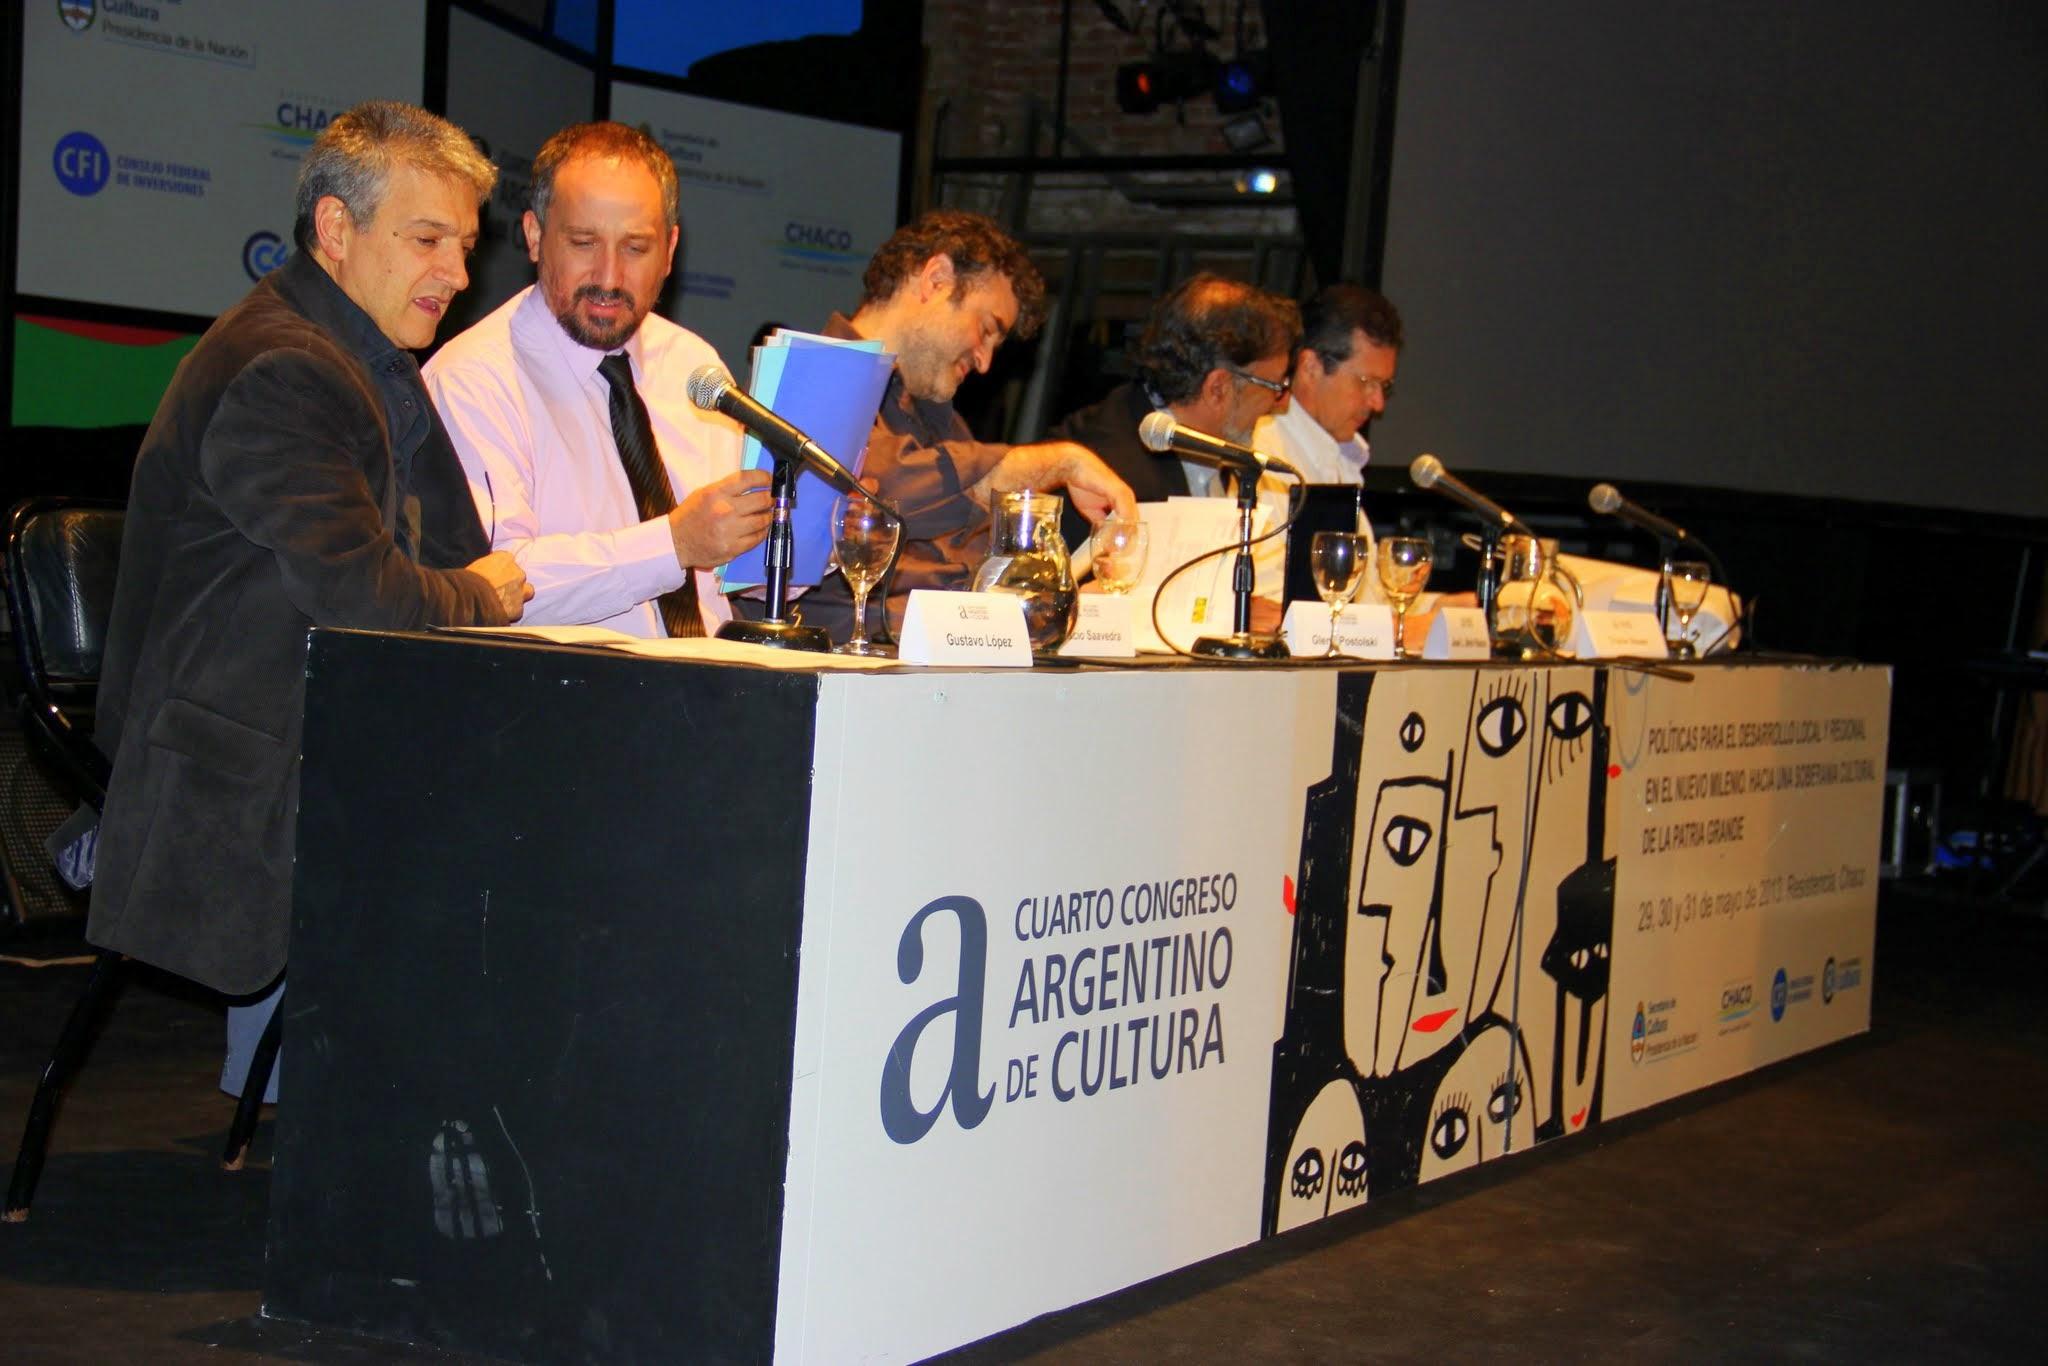 La Cámpora en el IV Congreso de Cultura